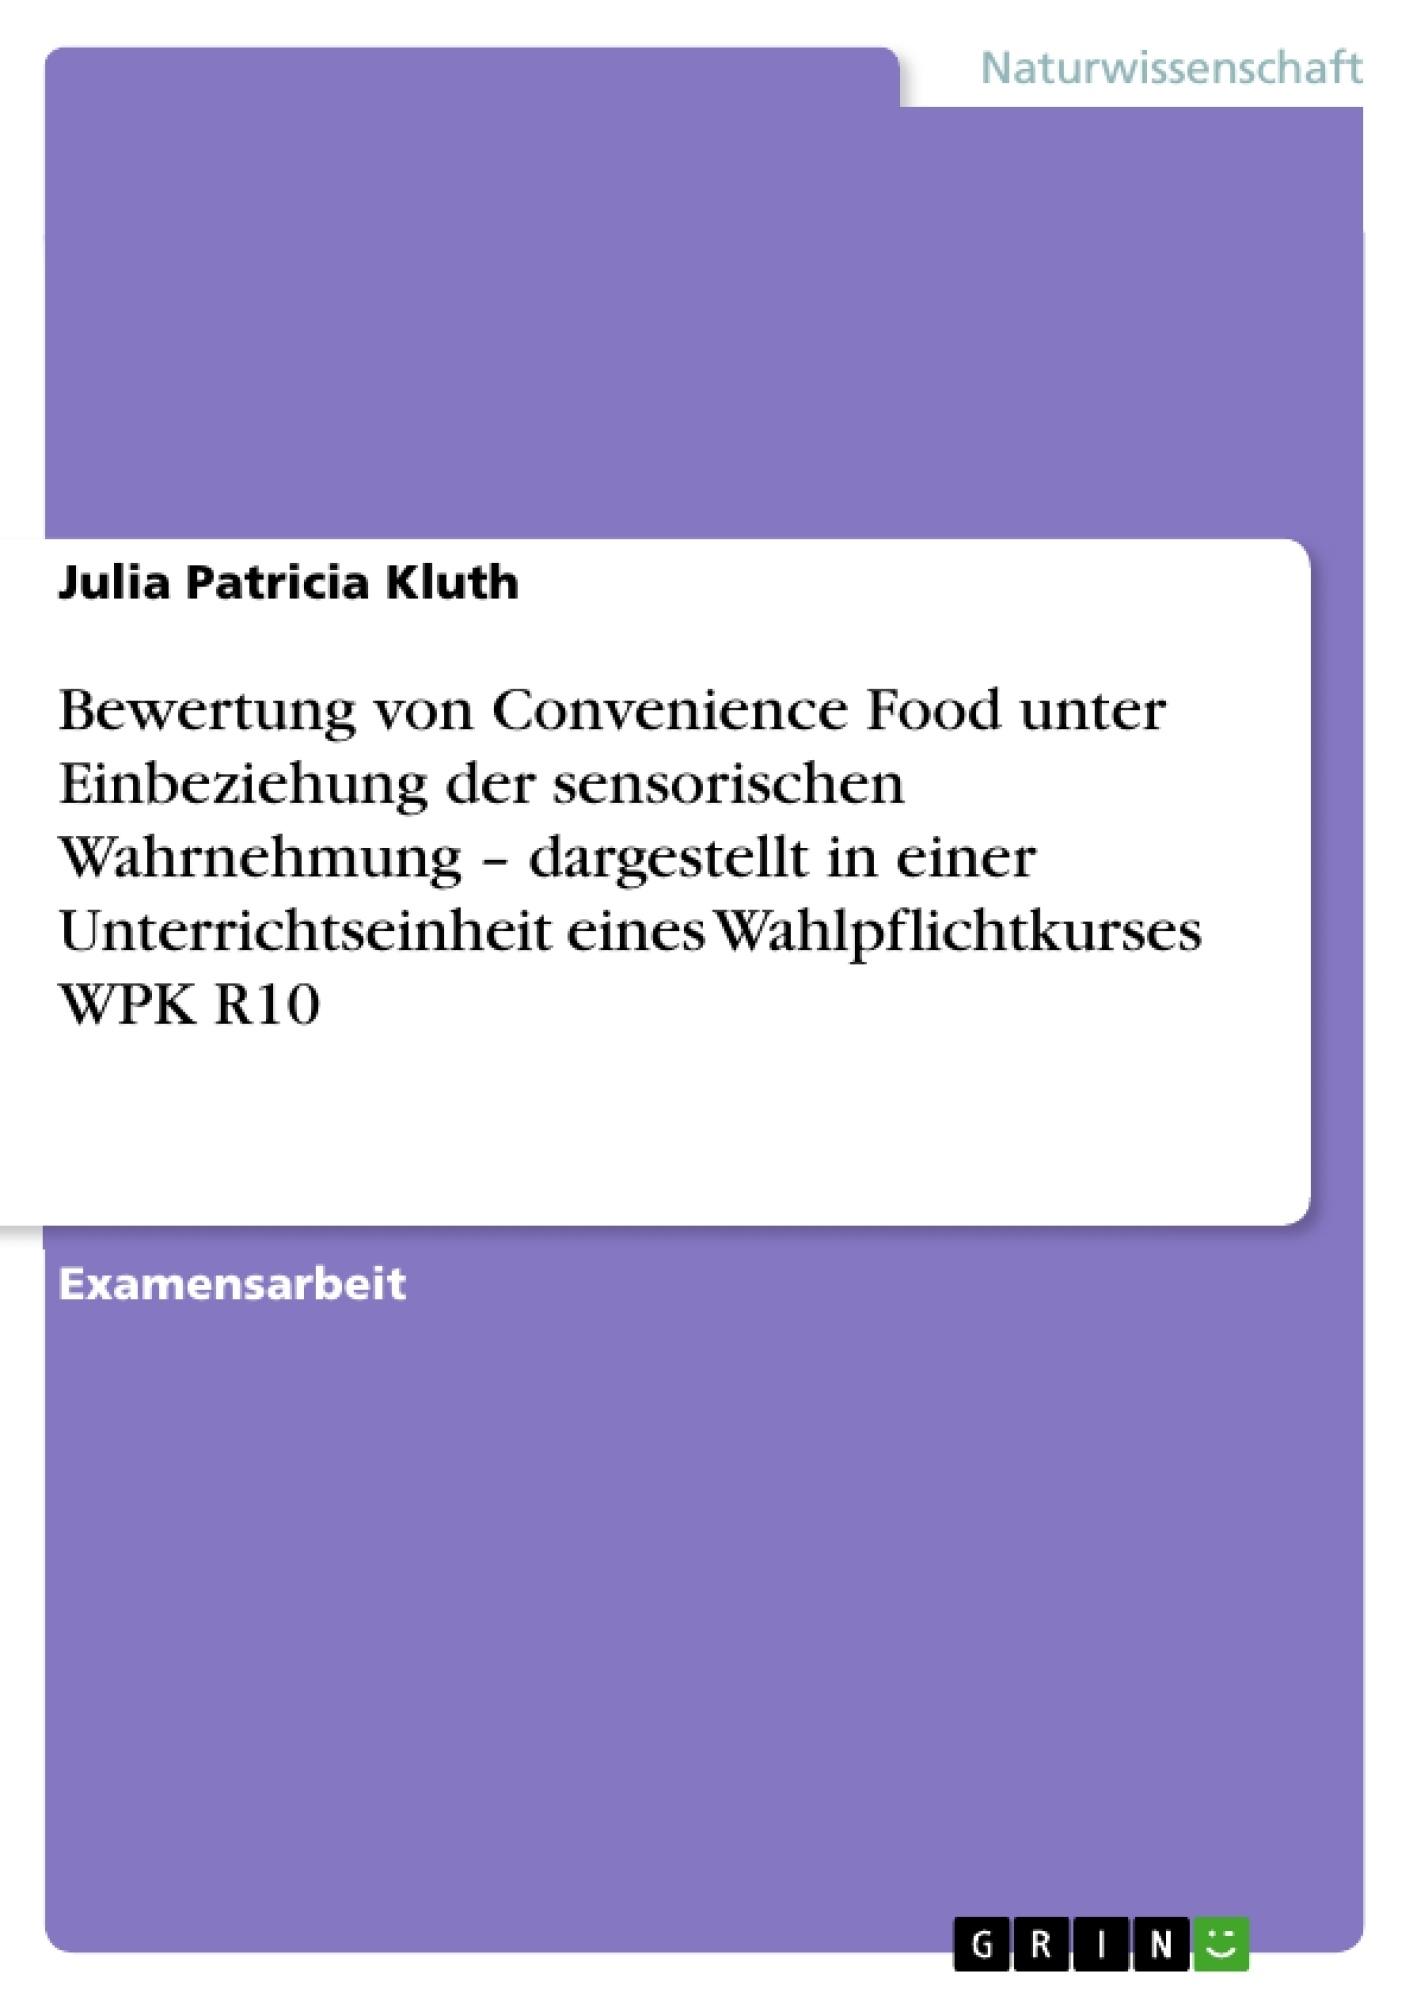 Titel: Bewertung von Convenience Food unter Einbeziehung der sensorischen Wahrnehmung  – dargestellt in einer Unterrichtseinheit eines Wahlpflichtkurses WPK R10